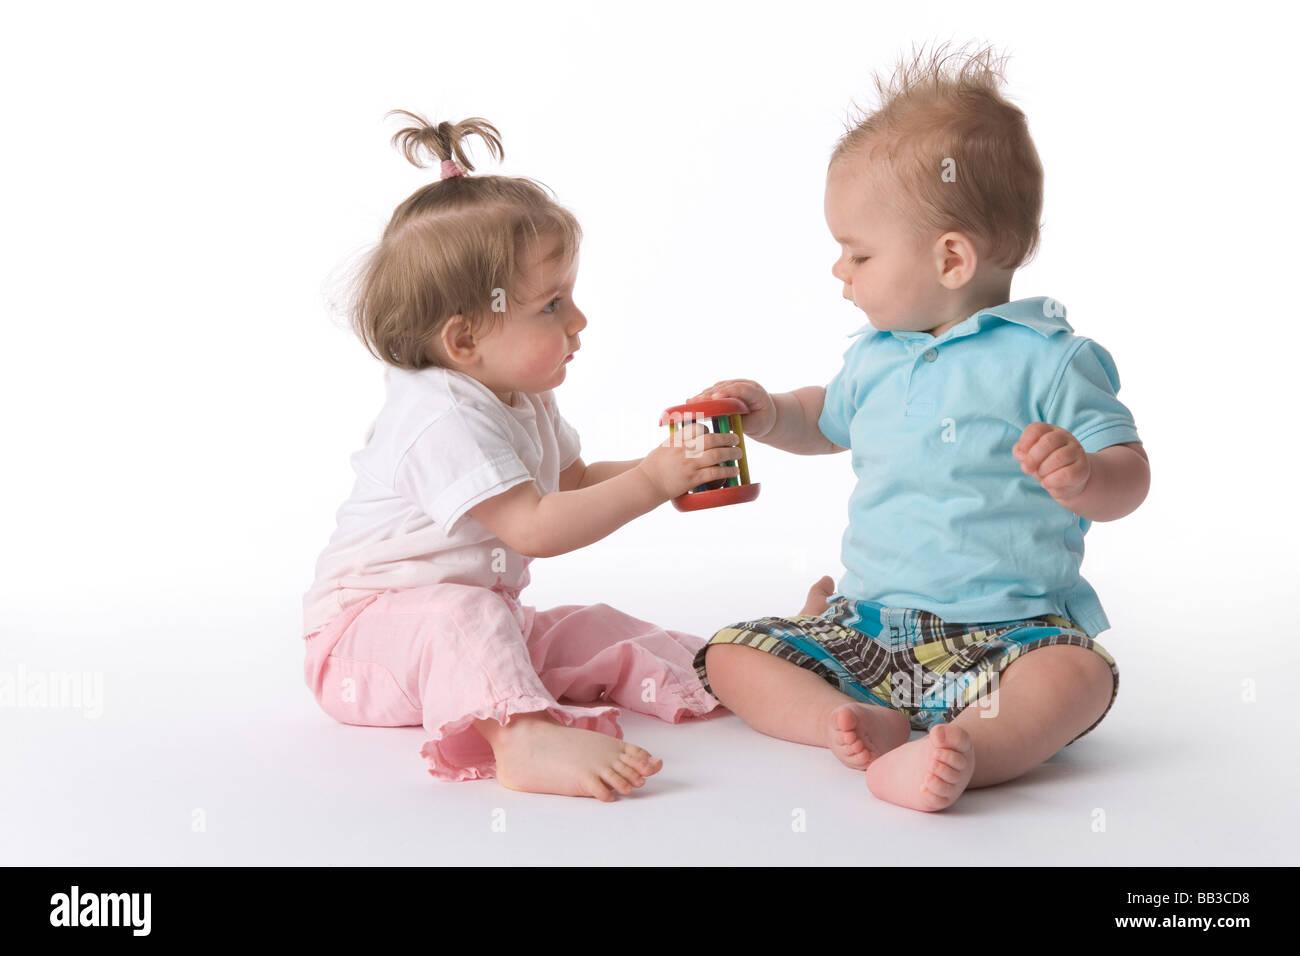 Deux enfants jouant avec un jouet Photo Stock